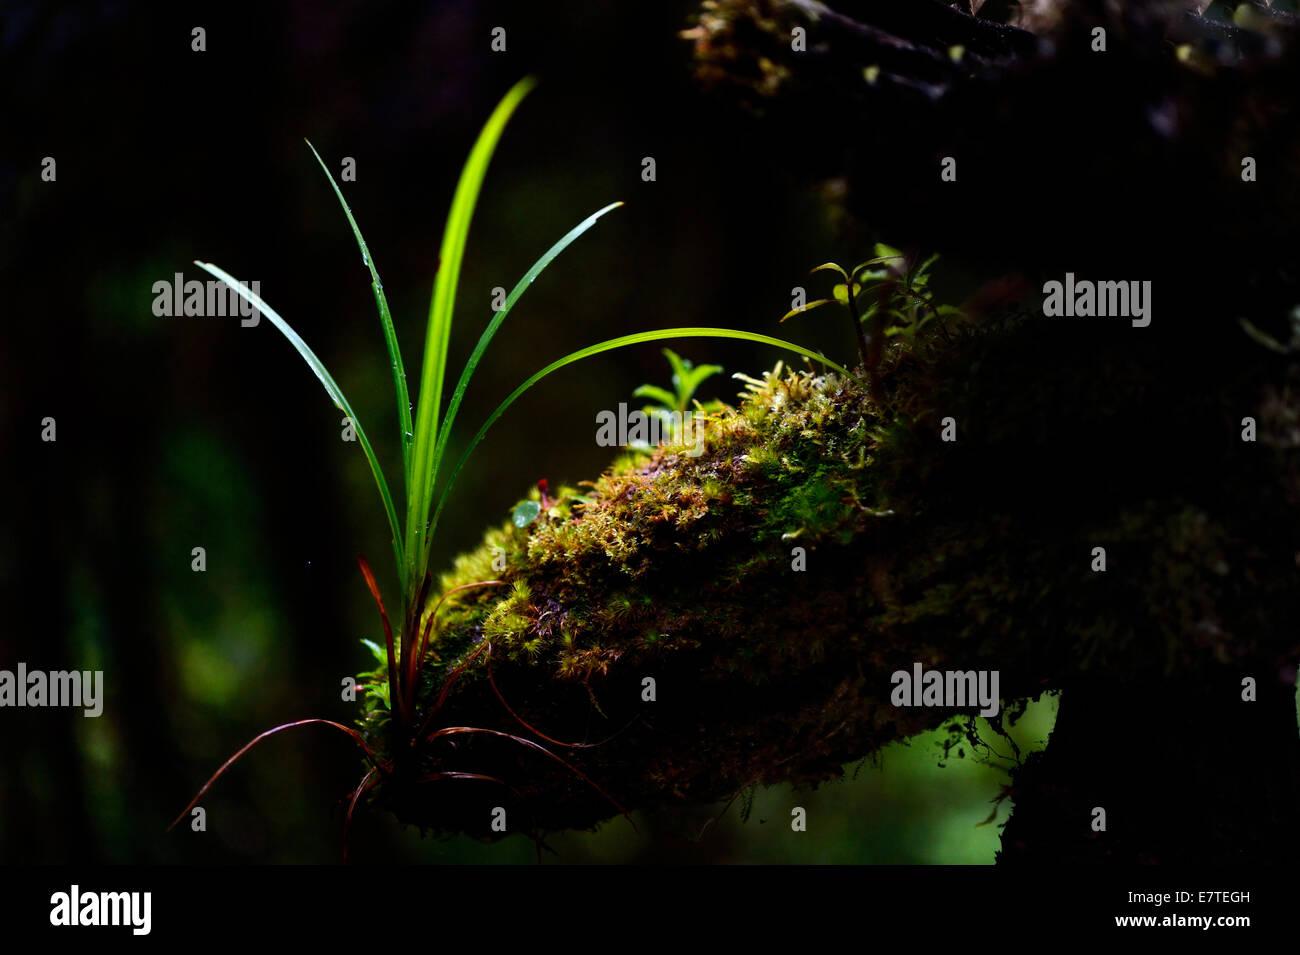 Kleine Pflanzen in einem Patch des Lichts, Guandera, nördliche Ecuador, Ecuador Stockbild